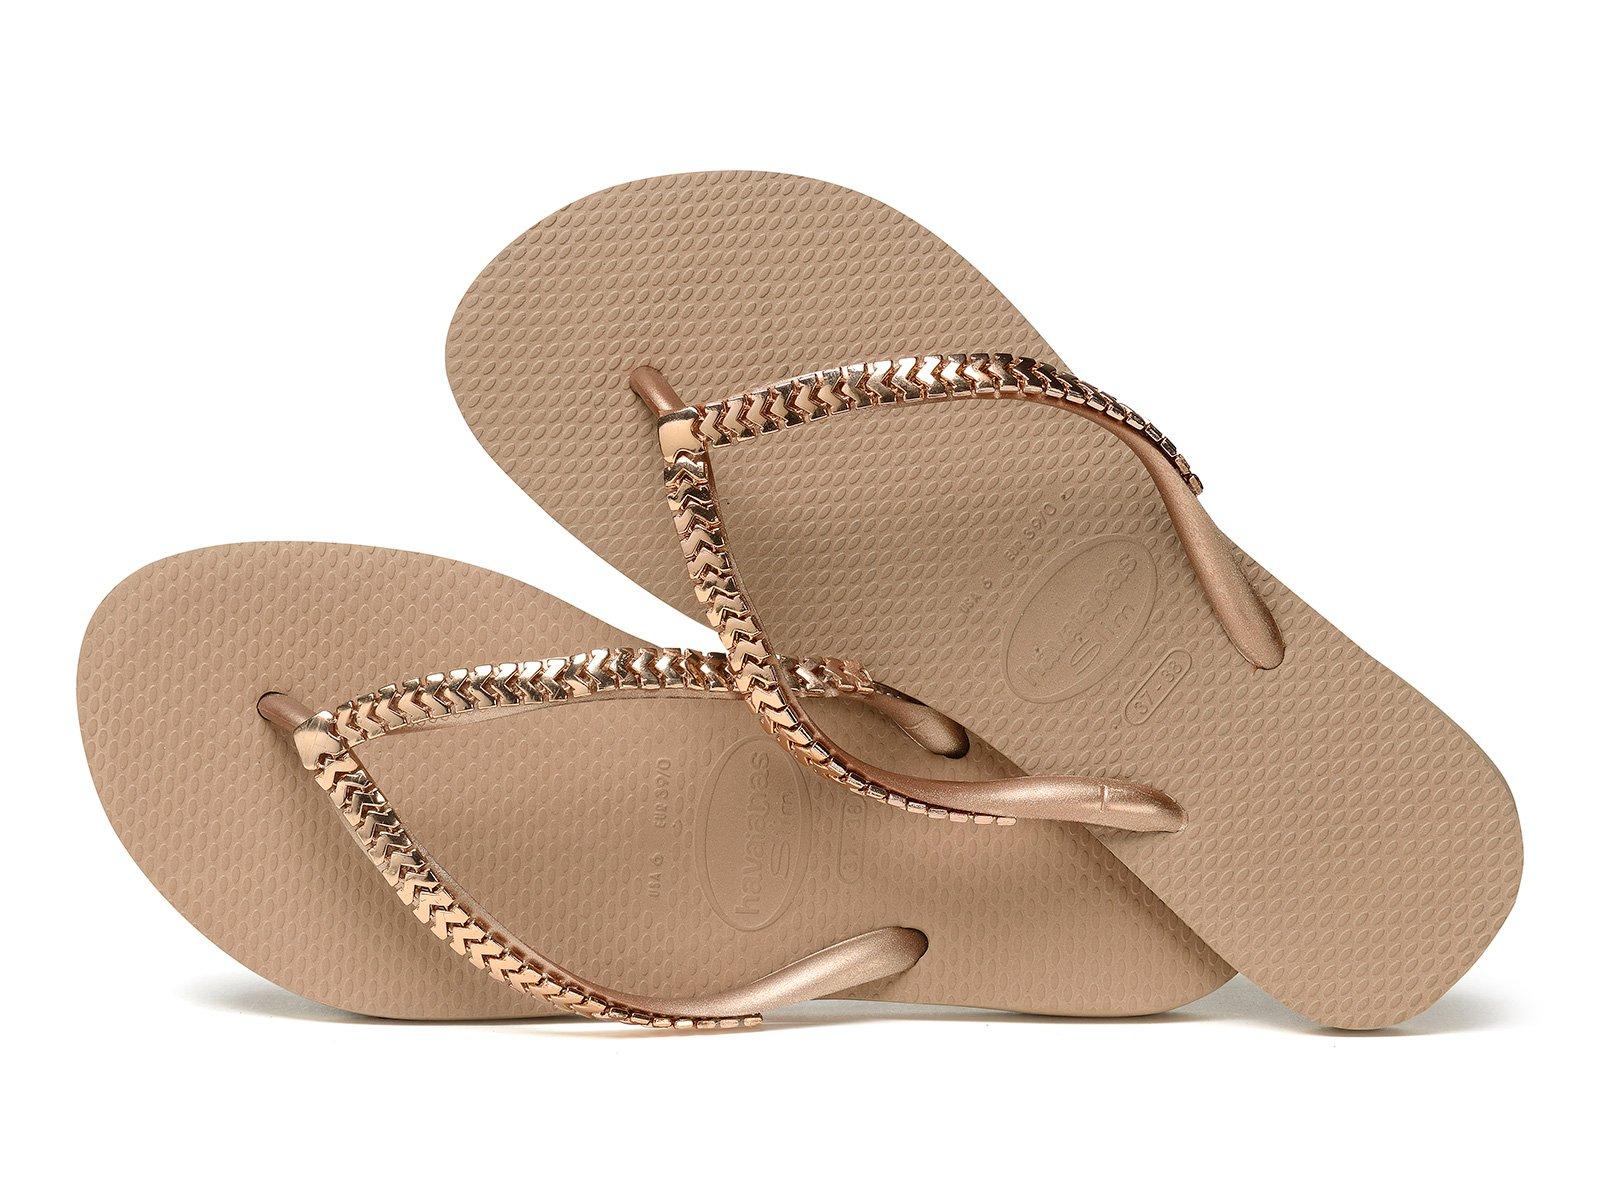 Havaianas flip flops with metallic pink gold straps Slim Metal Grega Rose Gold